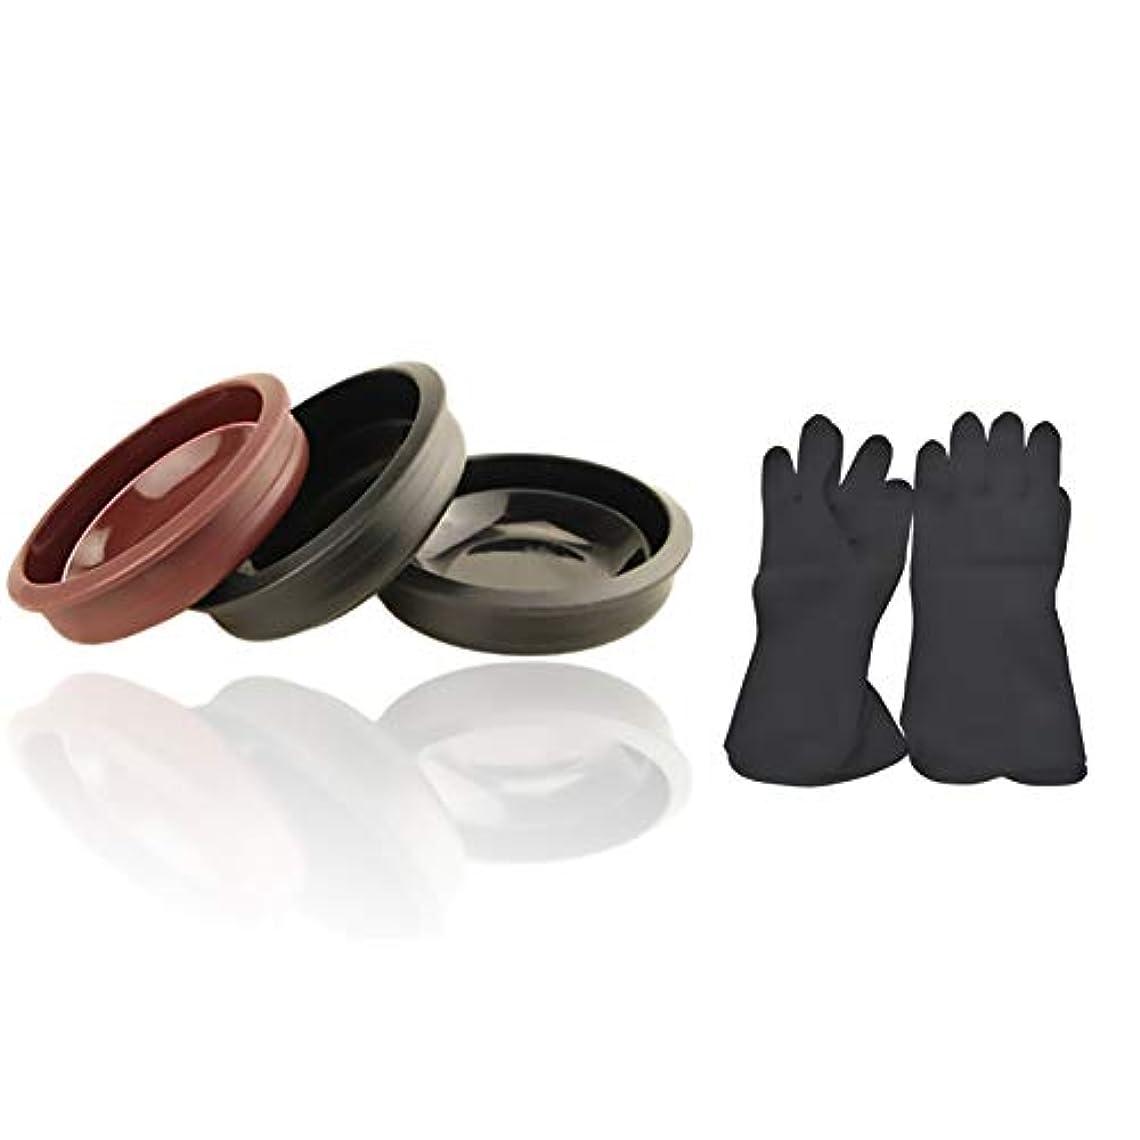 口頭下に契約するTofover 3ピースヘアカラーミキシングボウルと20カウントヘアダイ手袋、黒の再利用可能なゴム手袋、ヘアサロンヘア染色のためのプロのヘアカラーツールキット